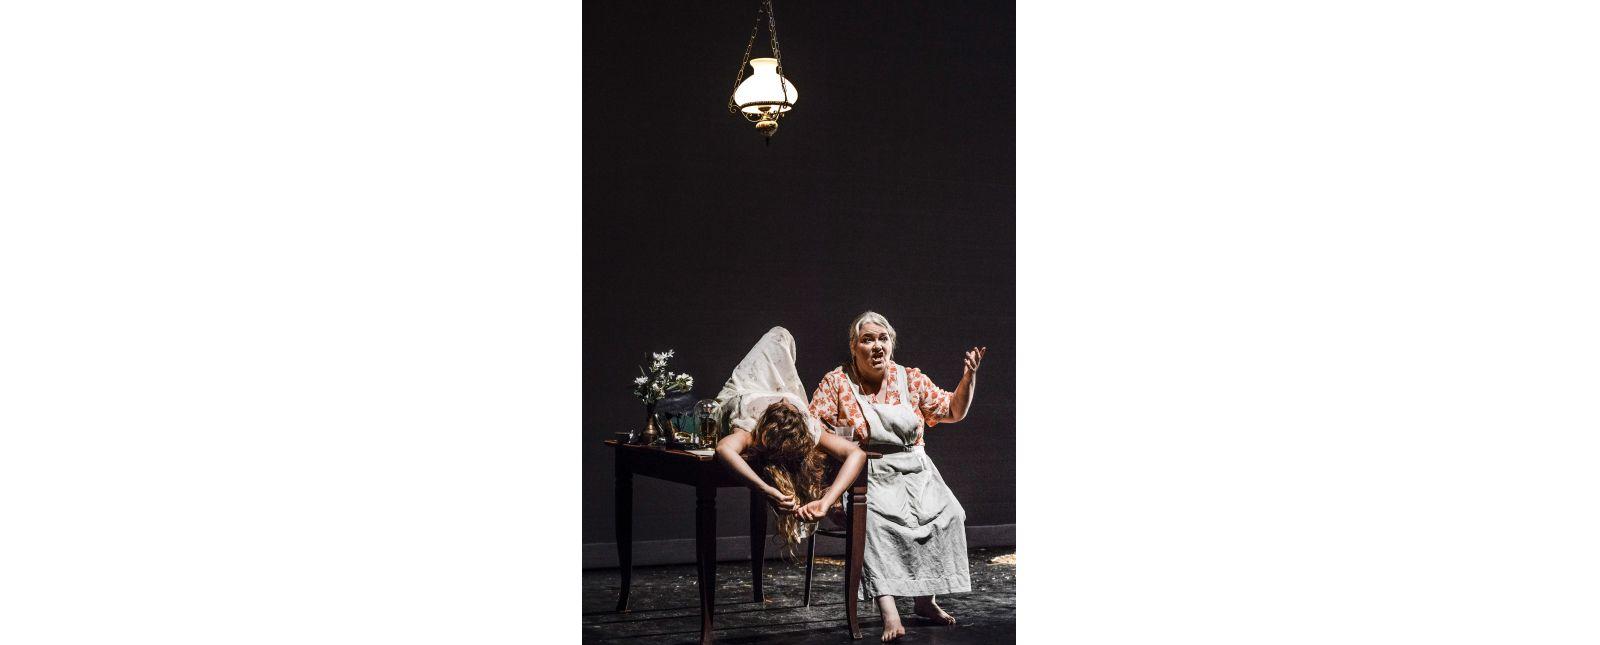 Eugen Onegin // Solen Mainguené // Anja Jung // 2018 // Tanja Dorendorf // T+T Fotografie